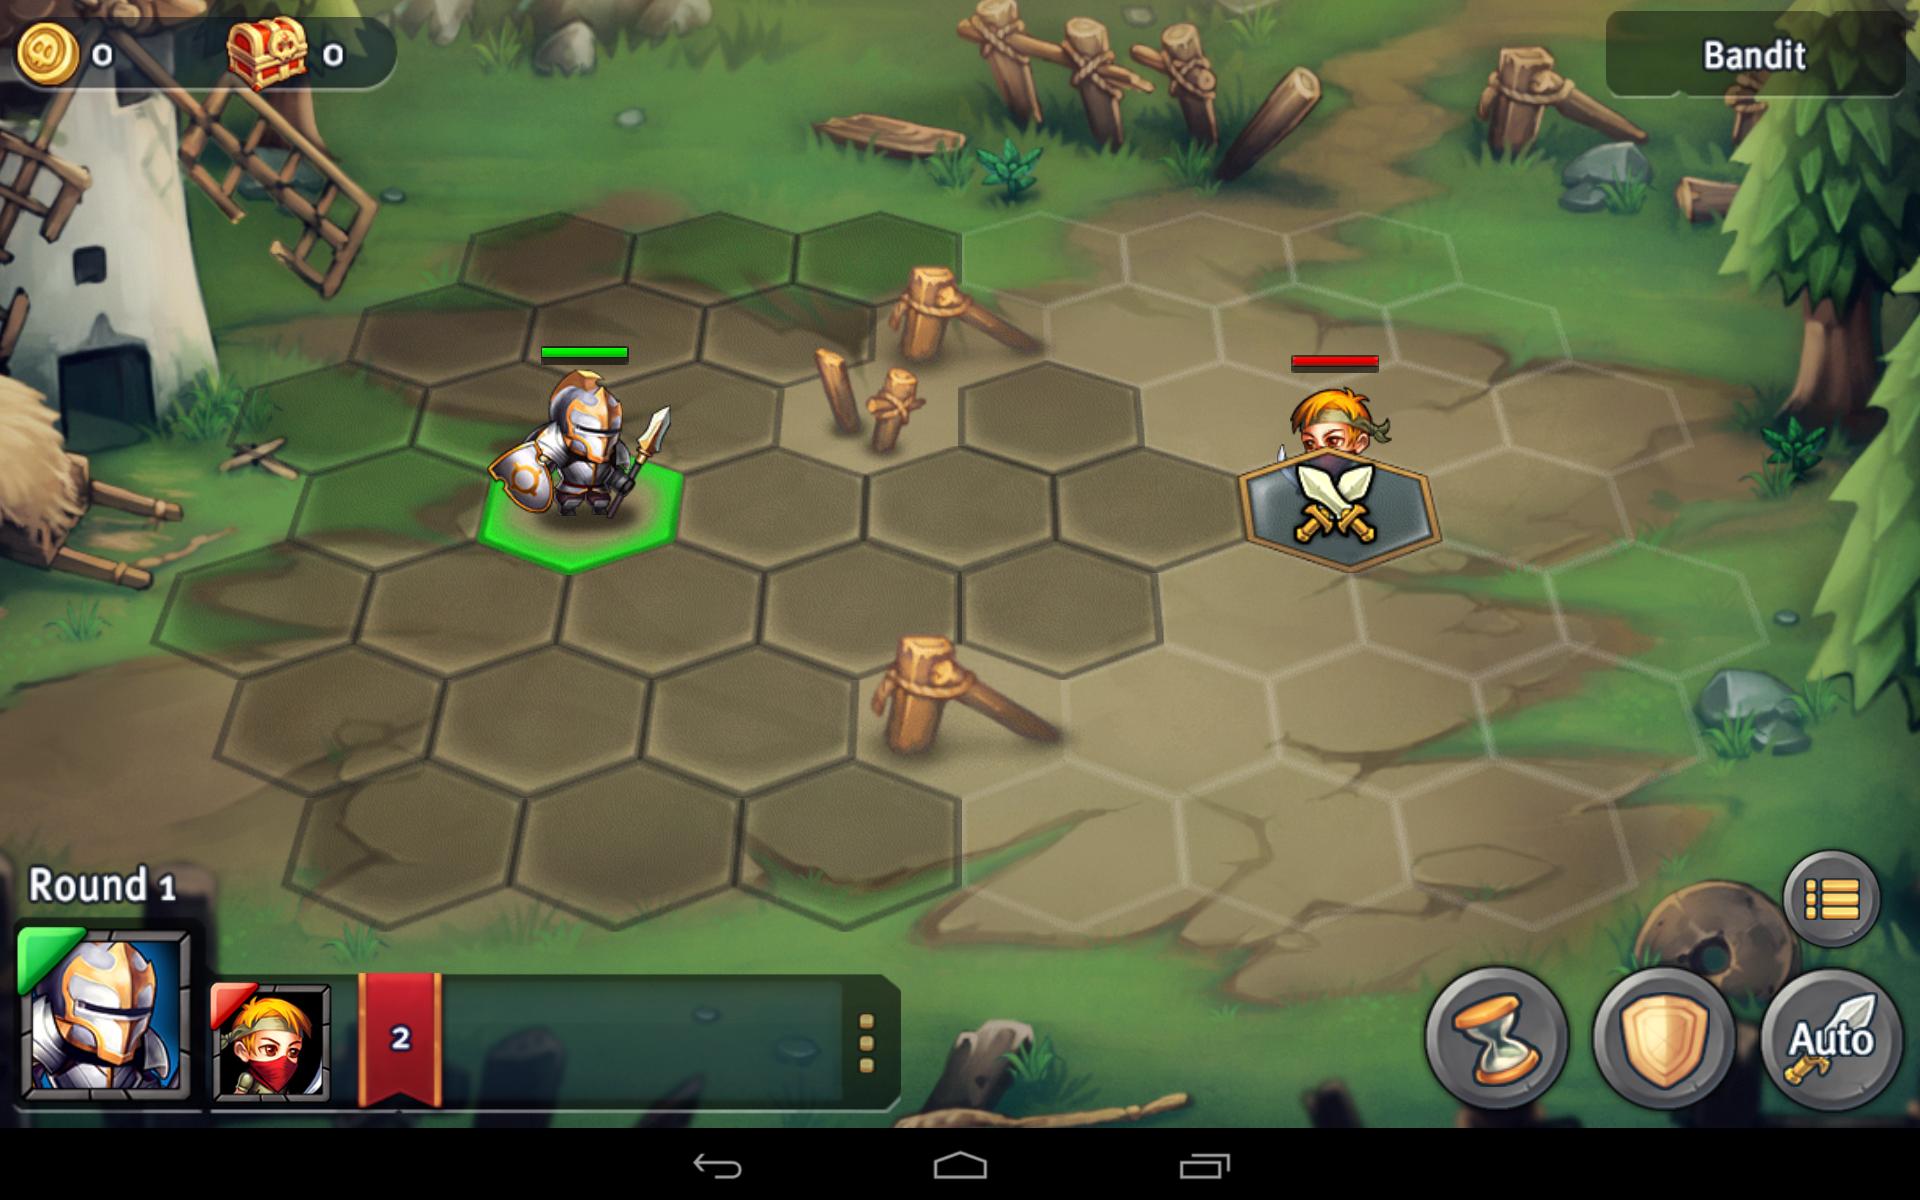 Heroes Tactics - Combat Grid